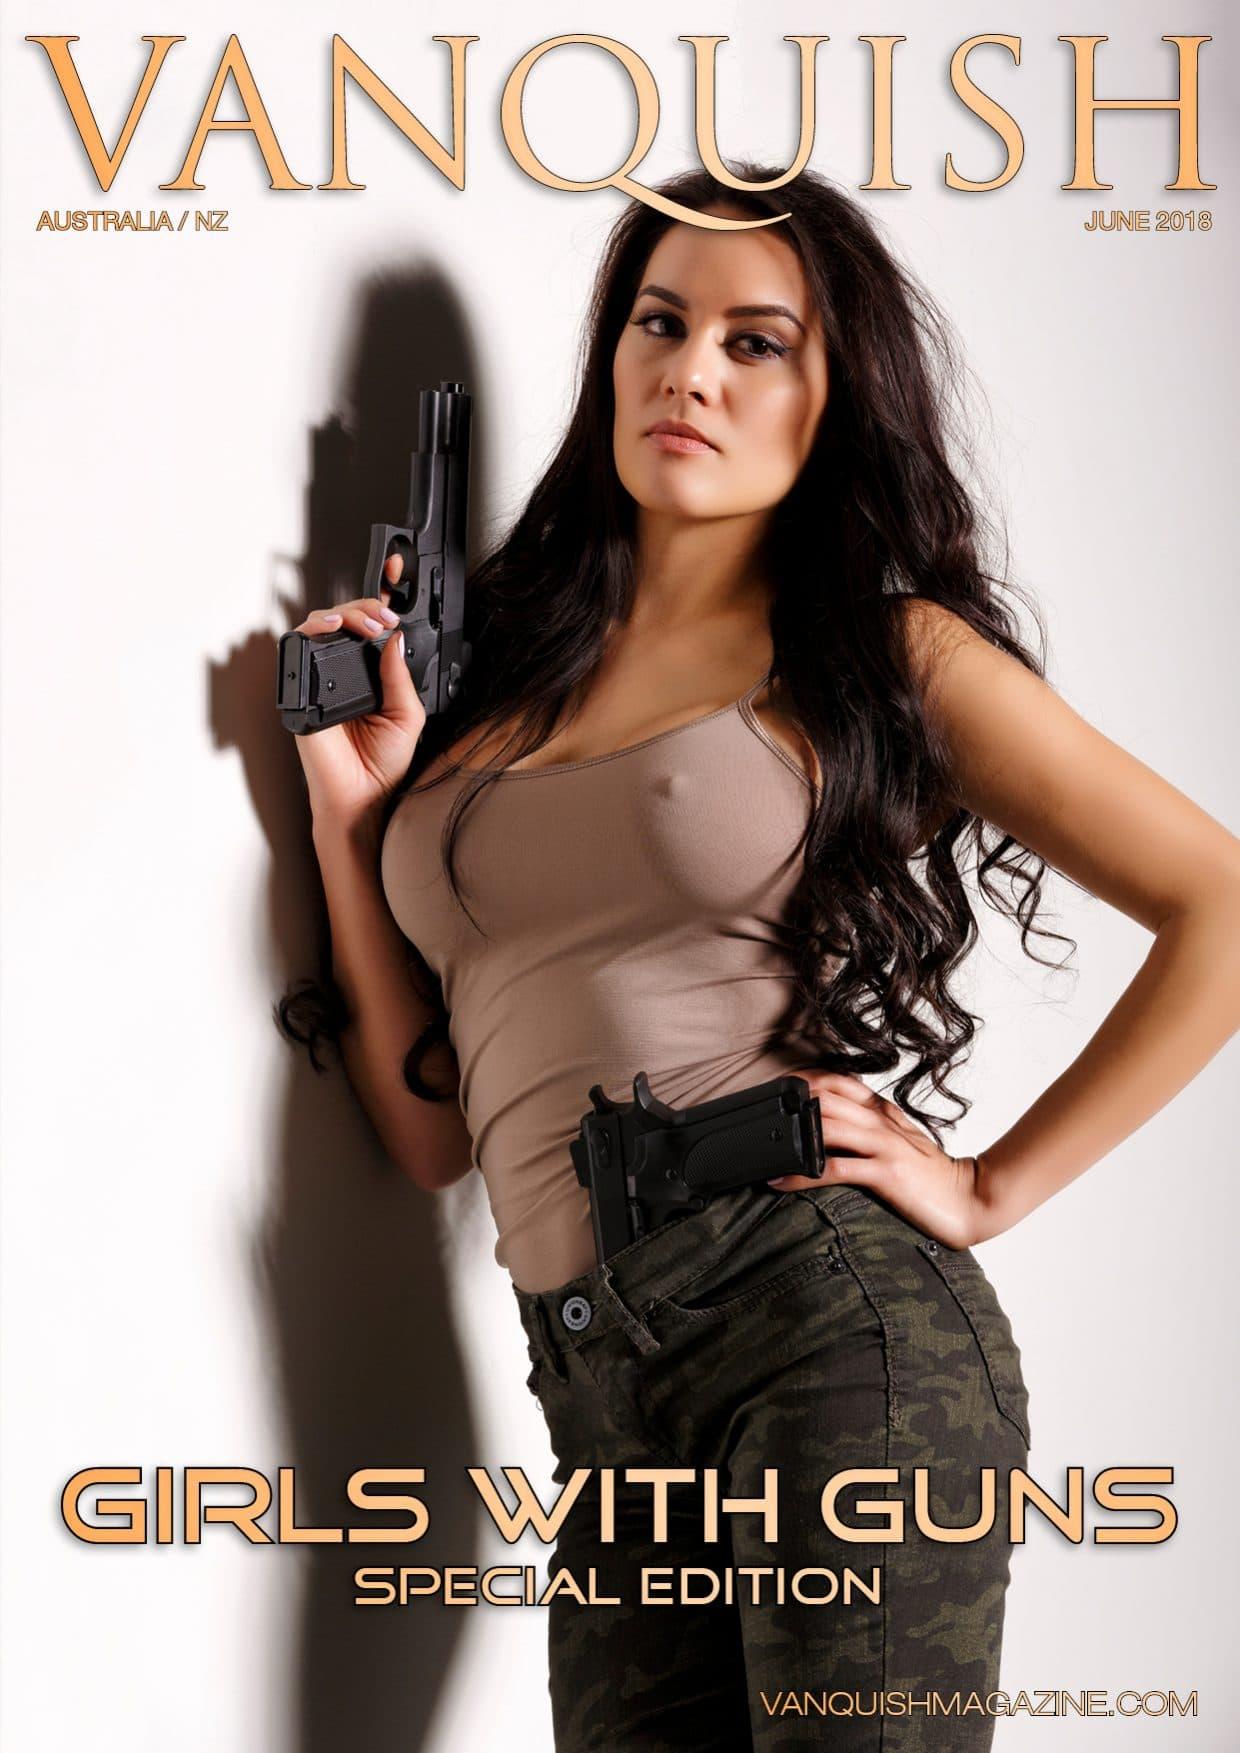 Vanquish Magazine – Girls with Guns – Sarah Maria Paul